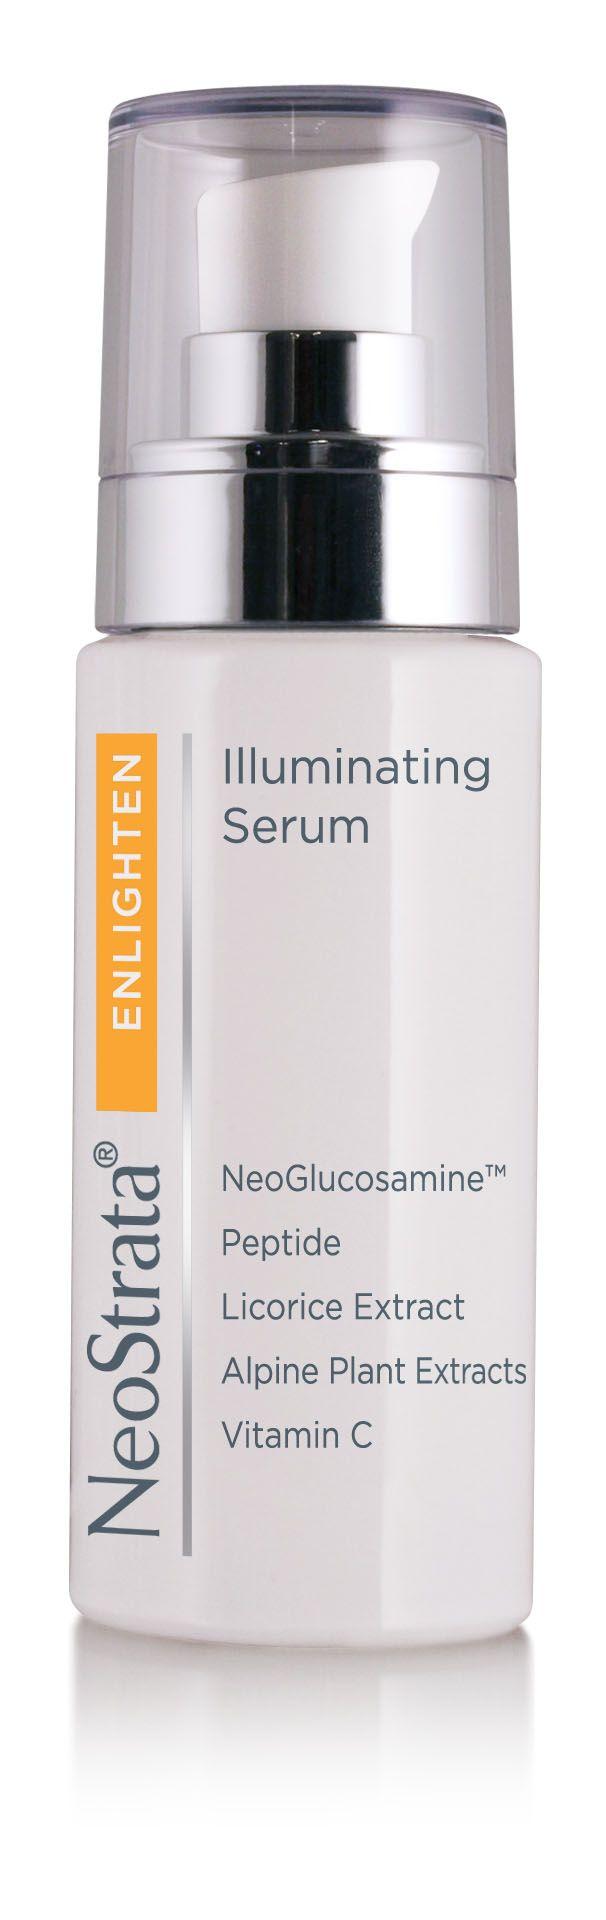 Suero Facial diseñado para dar luminosidad y unificar el tono de la piel afectada por hiperpigmentación causada por la edad,desordenes hormonales y exposición a los rayos UV.